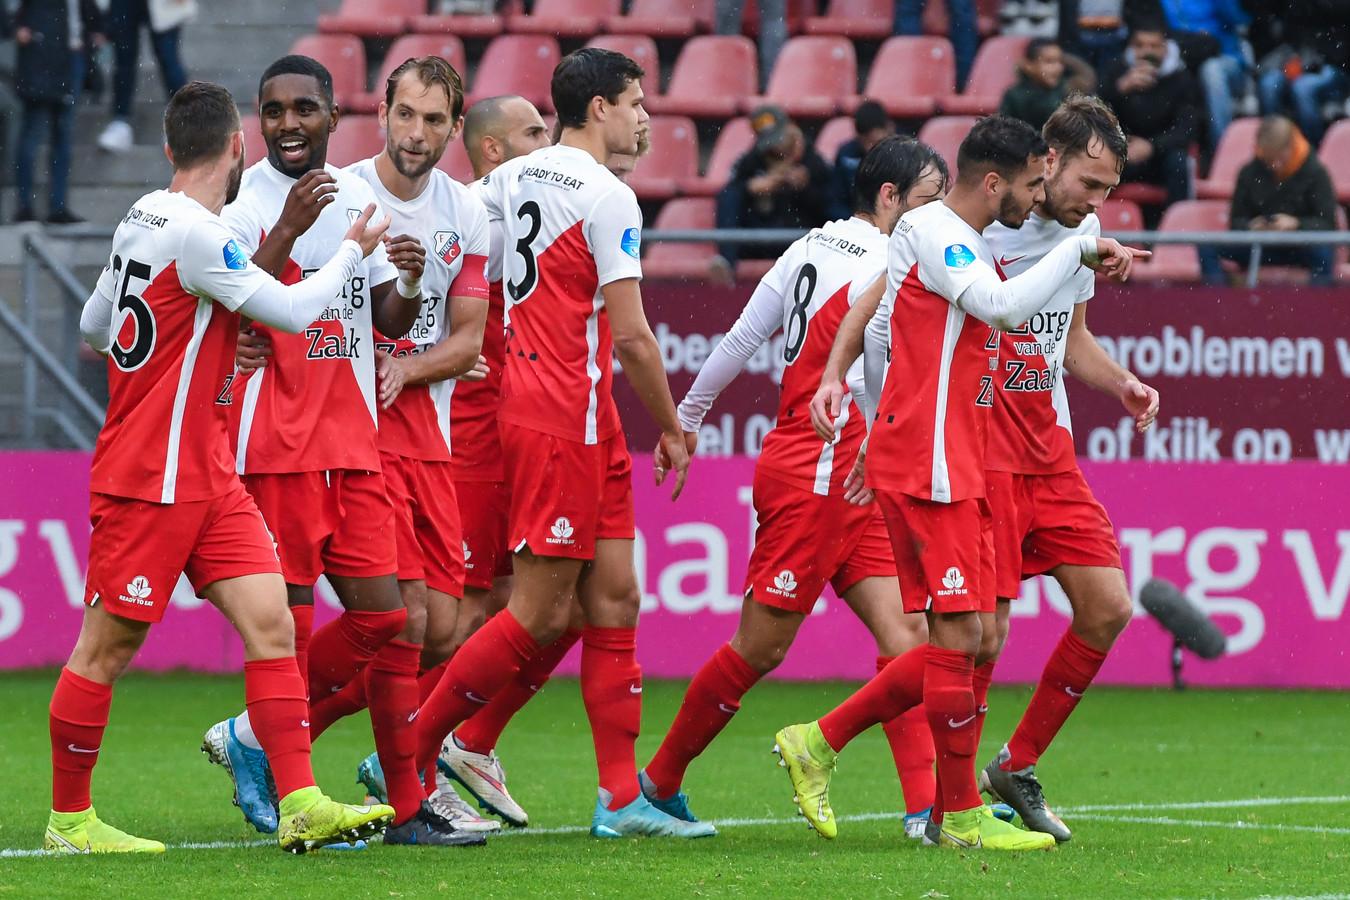 De spelers van FC Utrecht tankten vorig weekend vertrouwen met een 6-0 thuiszege op Fortuna Sittard.